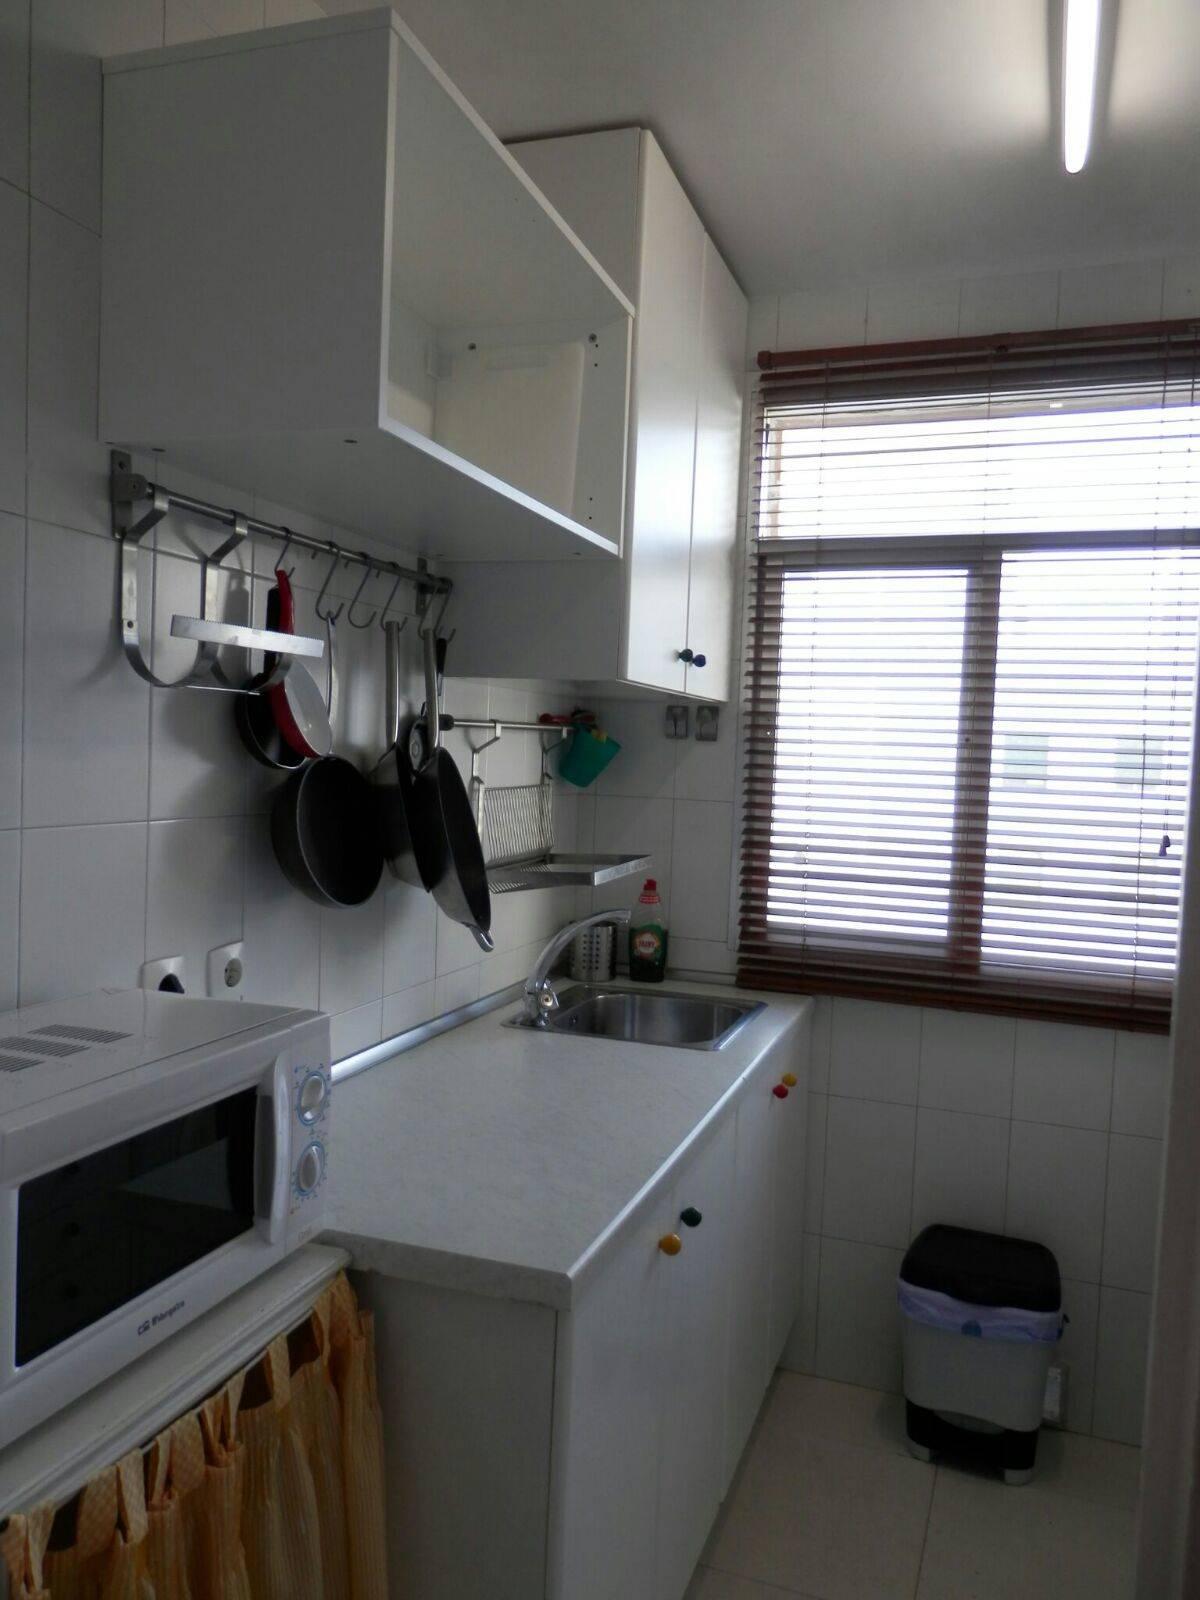 Alquiler piso Zona Reina Mercedes  - Foto 4